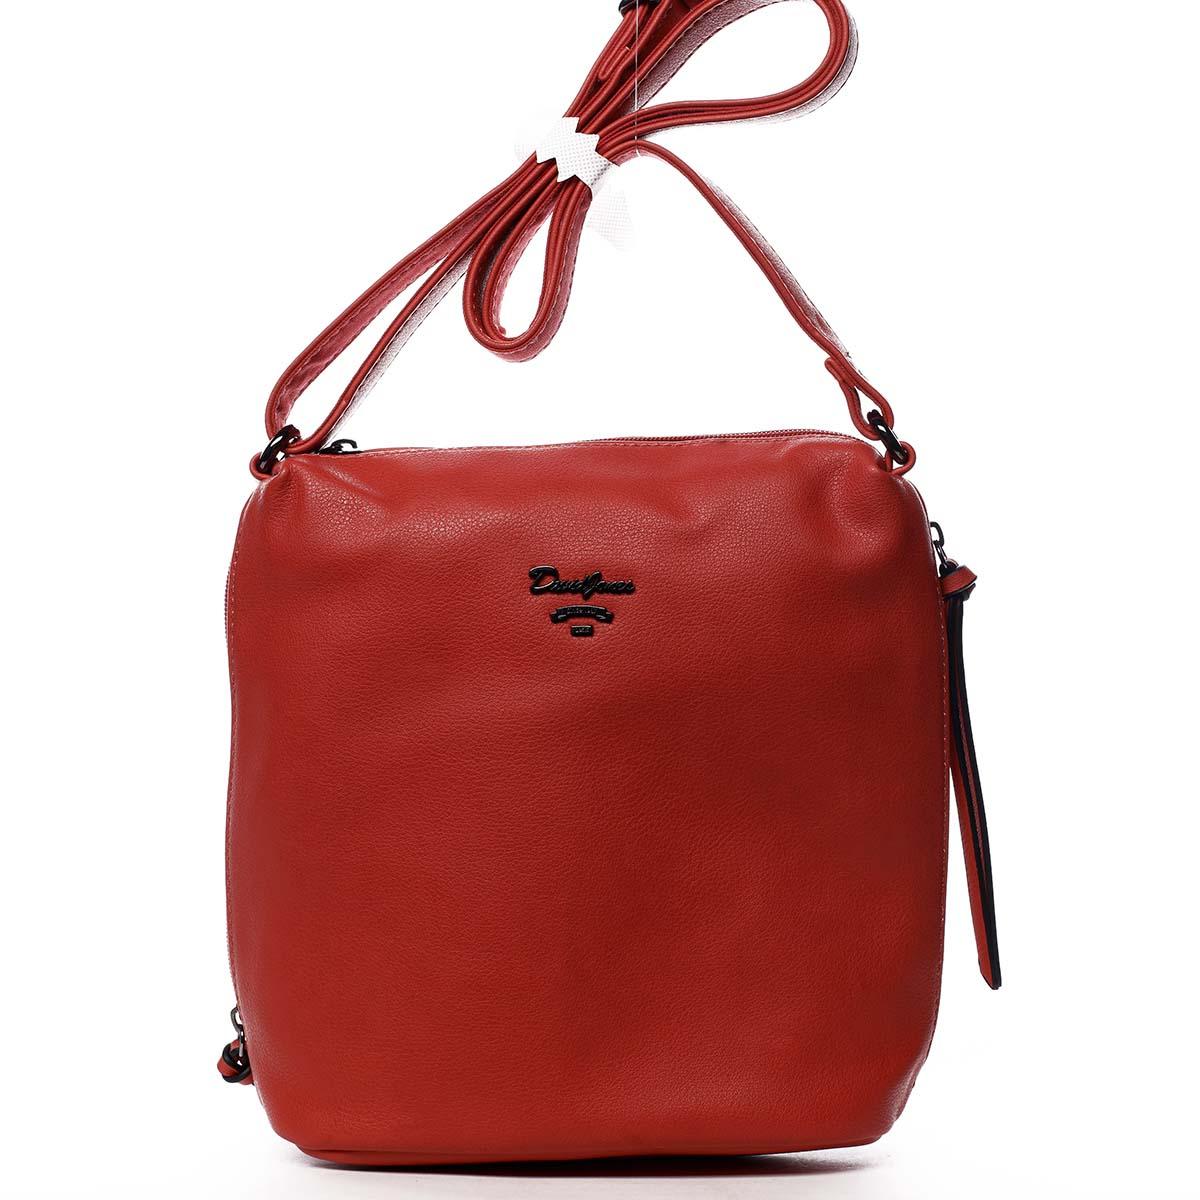 Dámska crossbody kabelka červená - David Jones Haley červená